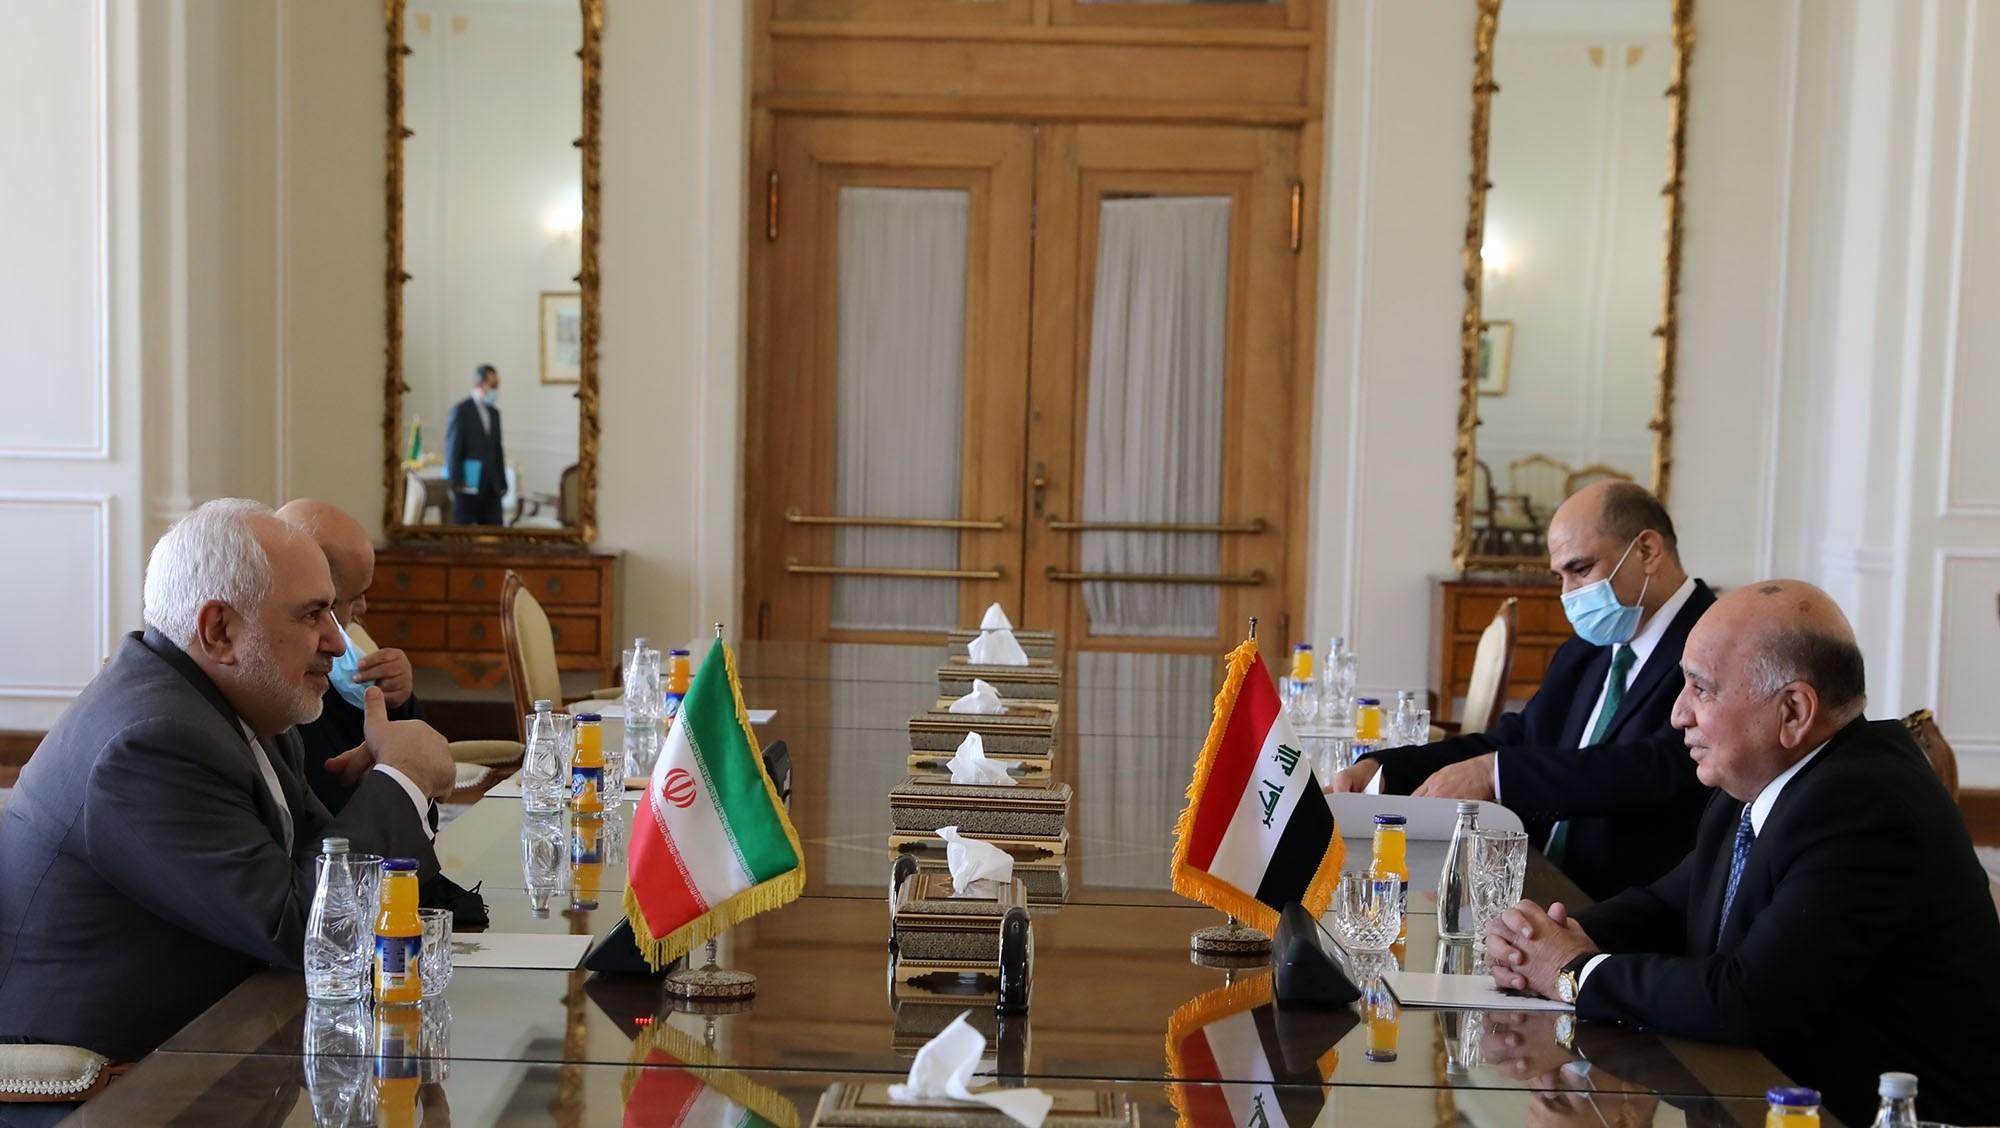 حسين يلتقي كبار المسؤولين الإيرانيين لبحث سبل توسيع العلاقات الثنائية